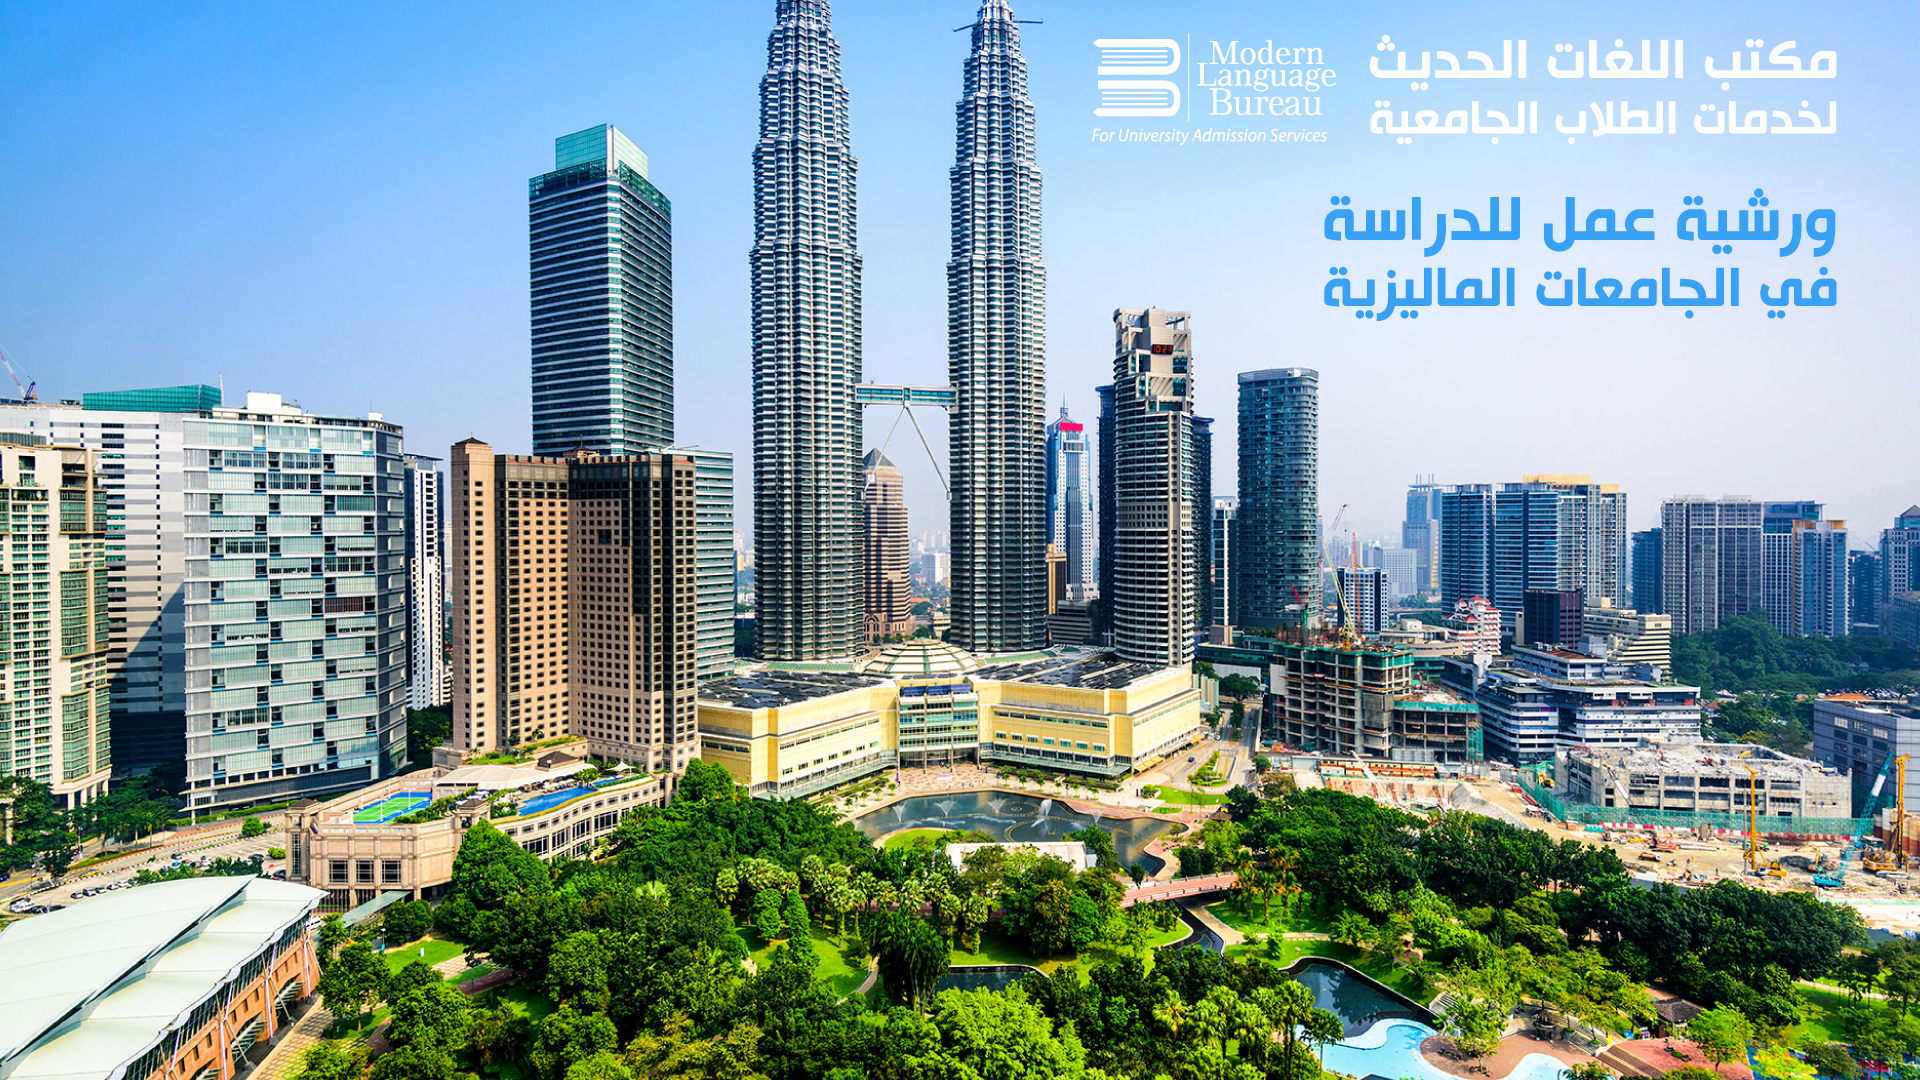 مكتب اللغات الحديث يستضيف الملحق الثقافي الماليزي ومجموعة من الجامعات الماليزية